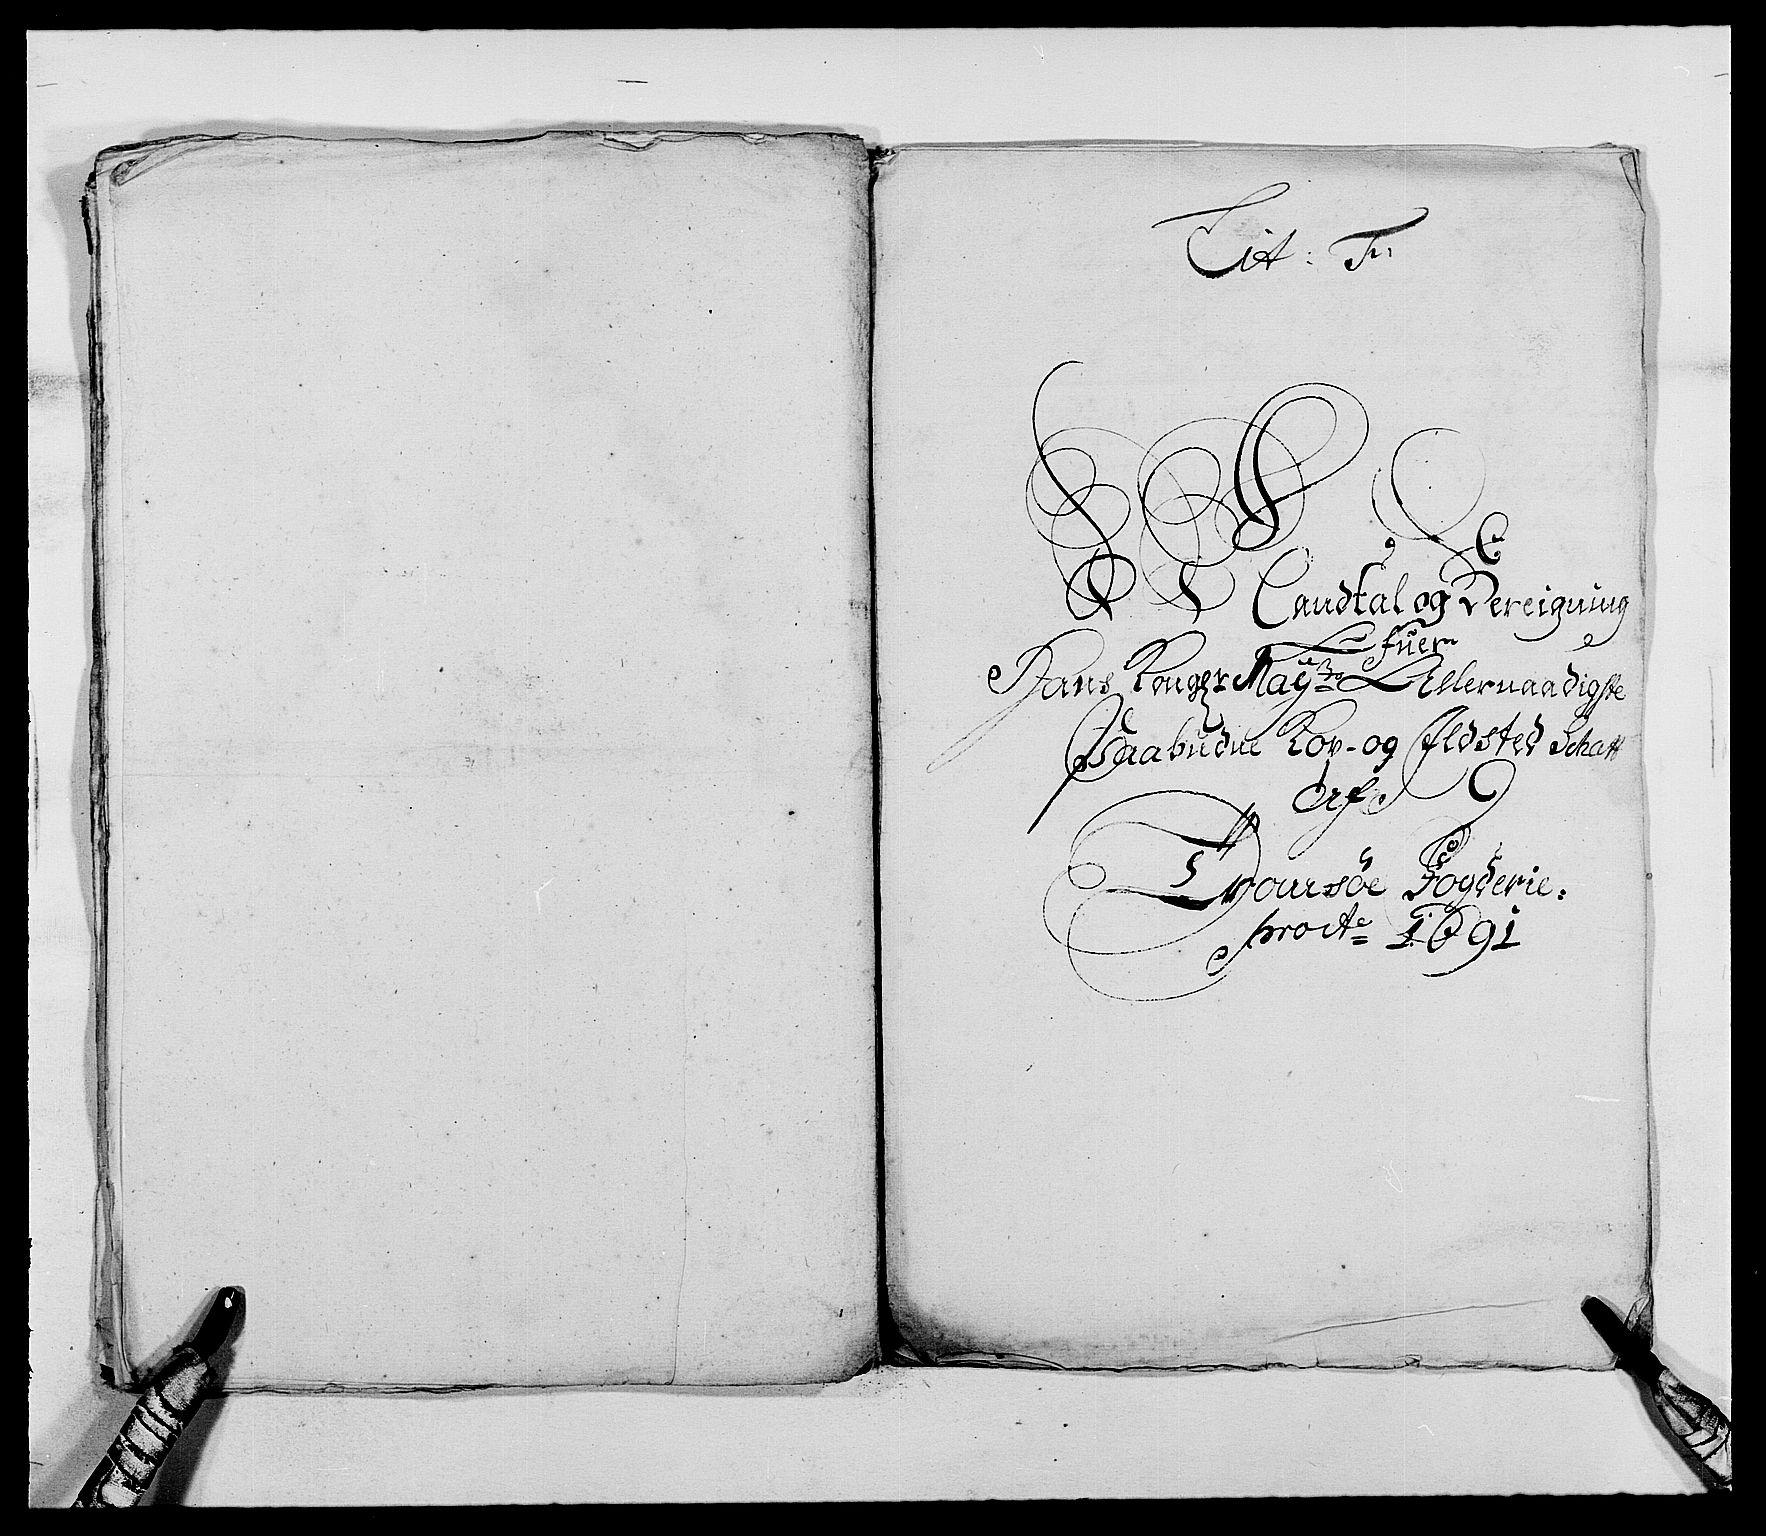 RA, Rentekammeret inntil 1814, Reviderte regnskaper, Fogderegnskap, R68/L4751: Fogderegnskap Senja og Troms, 1690-1693, s. 118